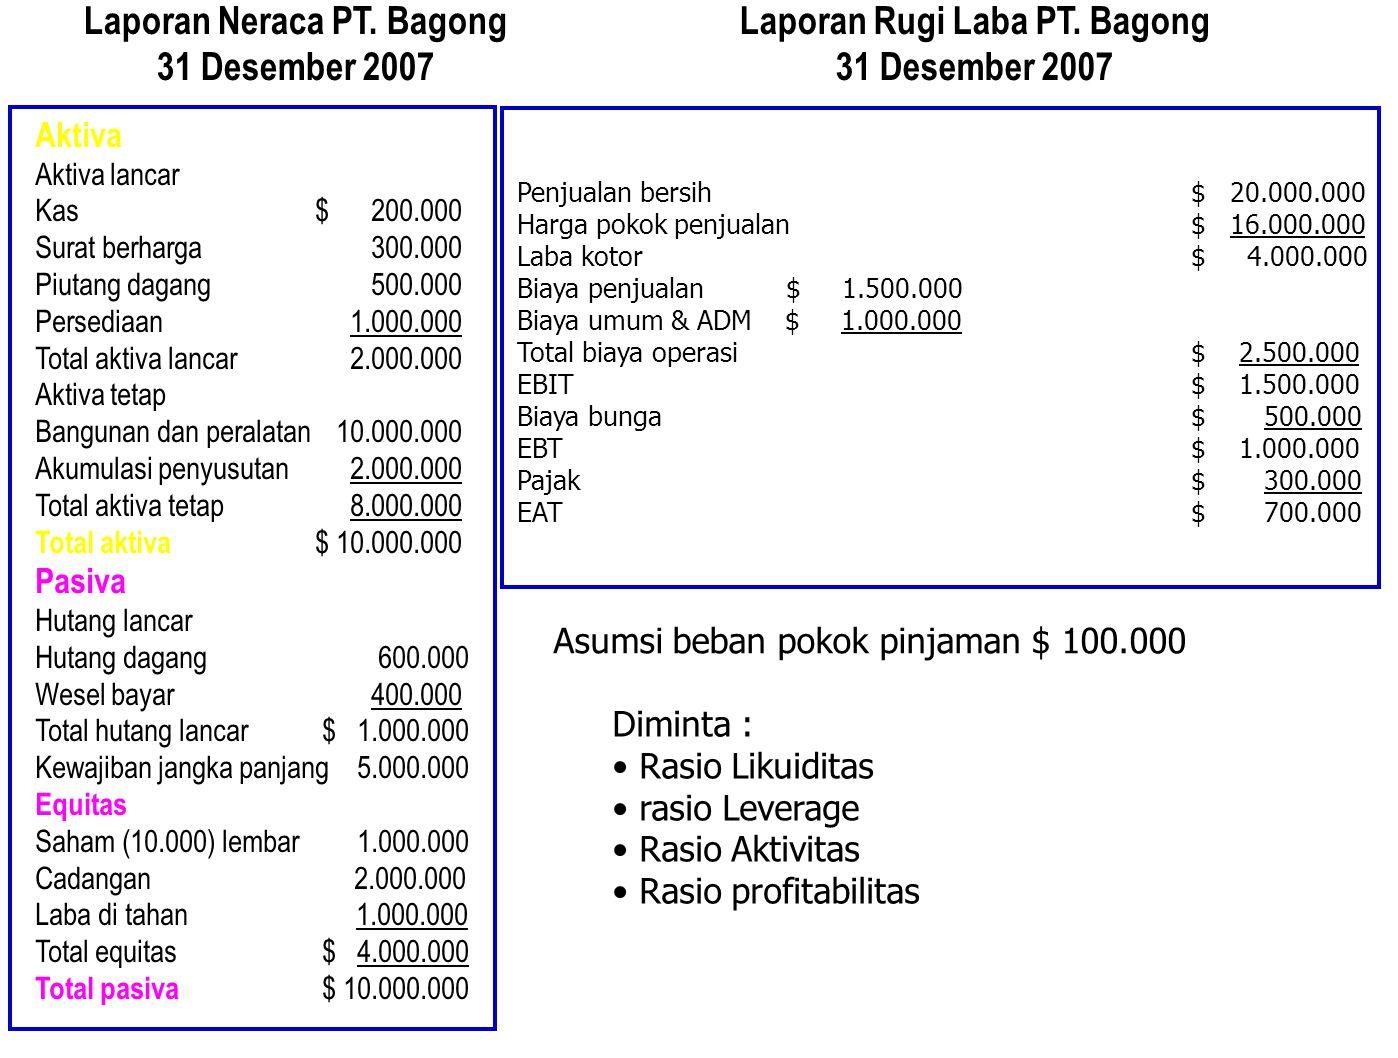 Laporan Neraca PT.Bagong 31 Desember 2007 Laporan Rugi Laba PT.